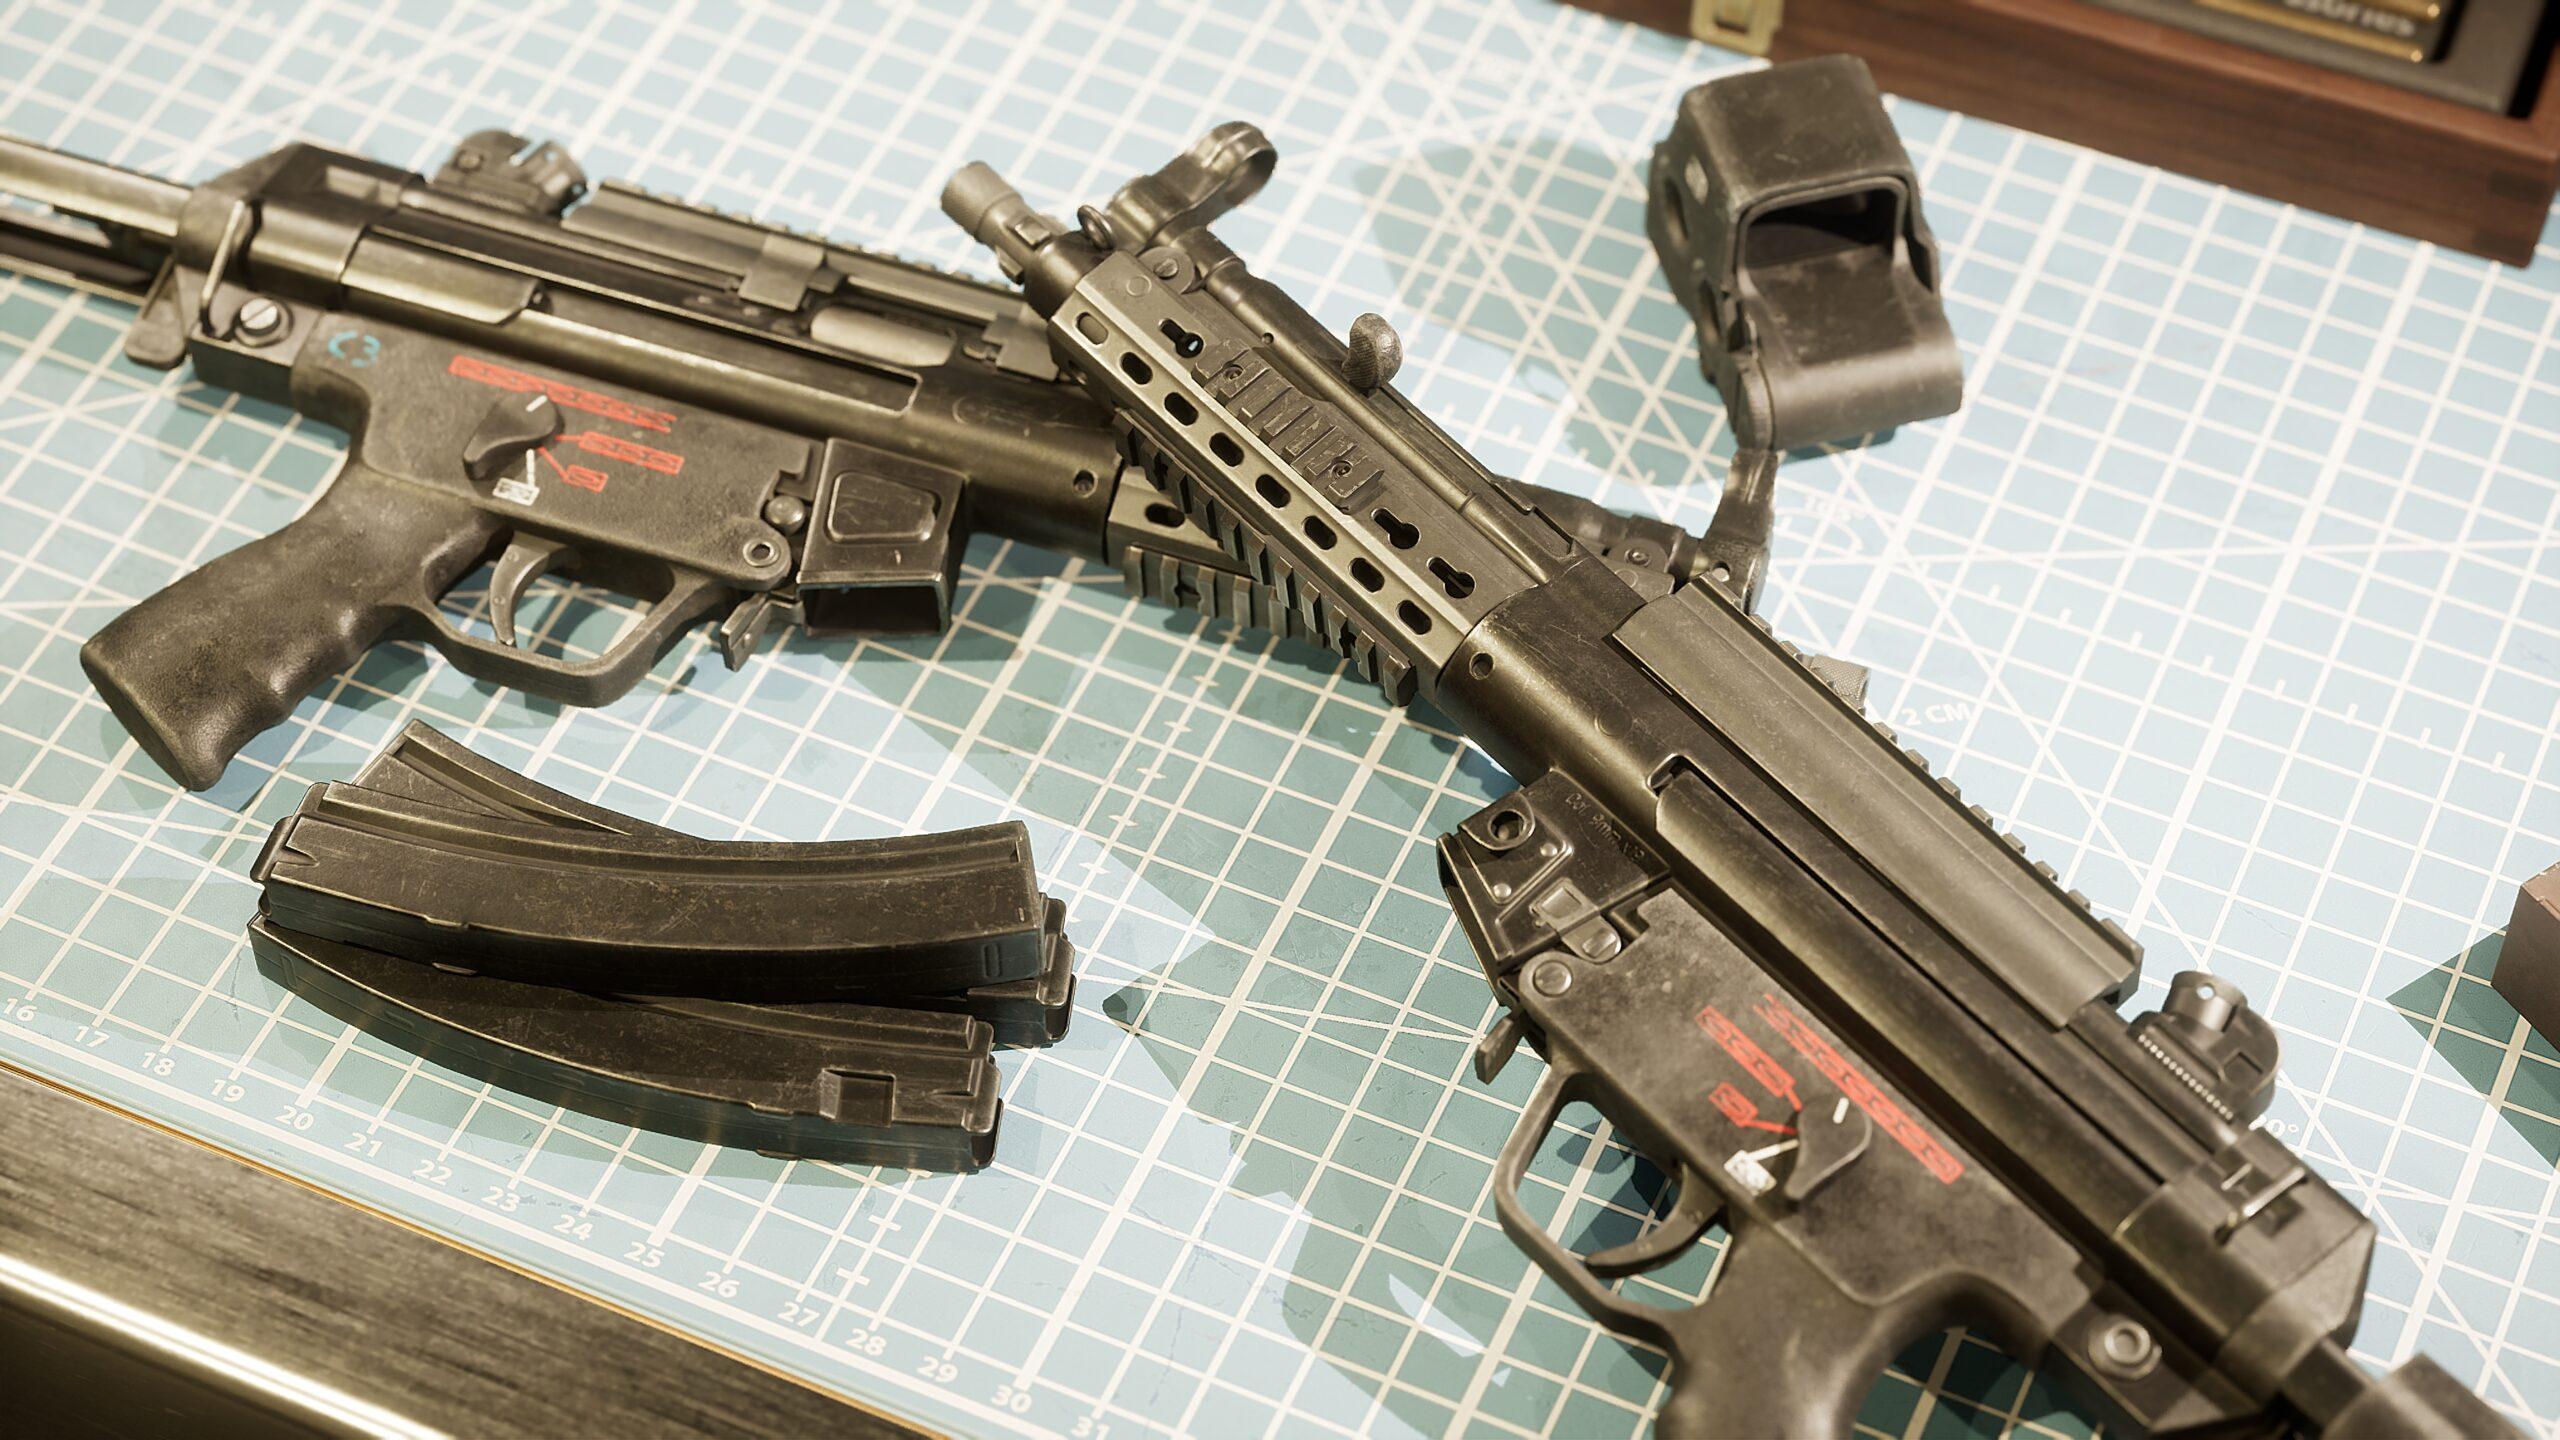 MP5_E1_resultat-scaled